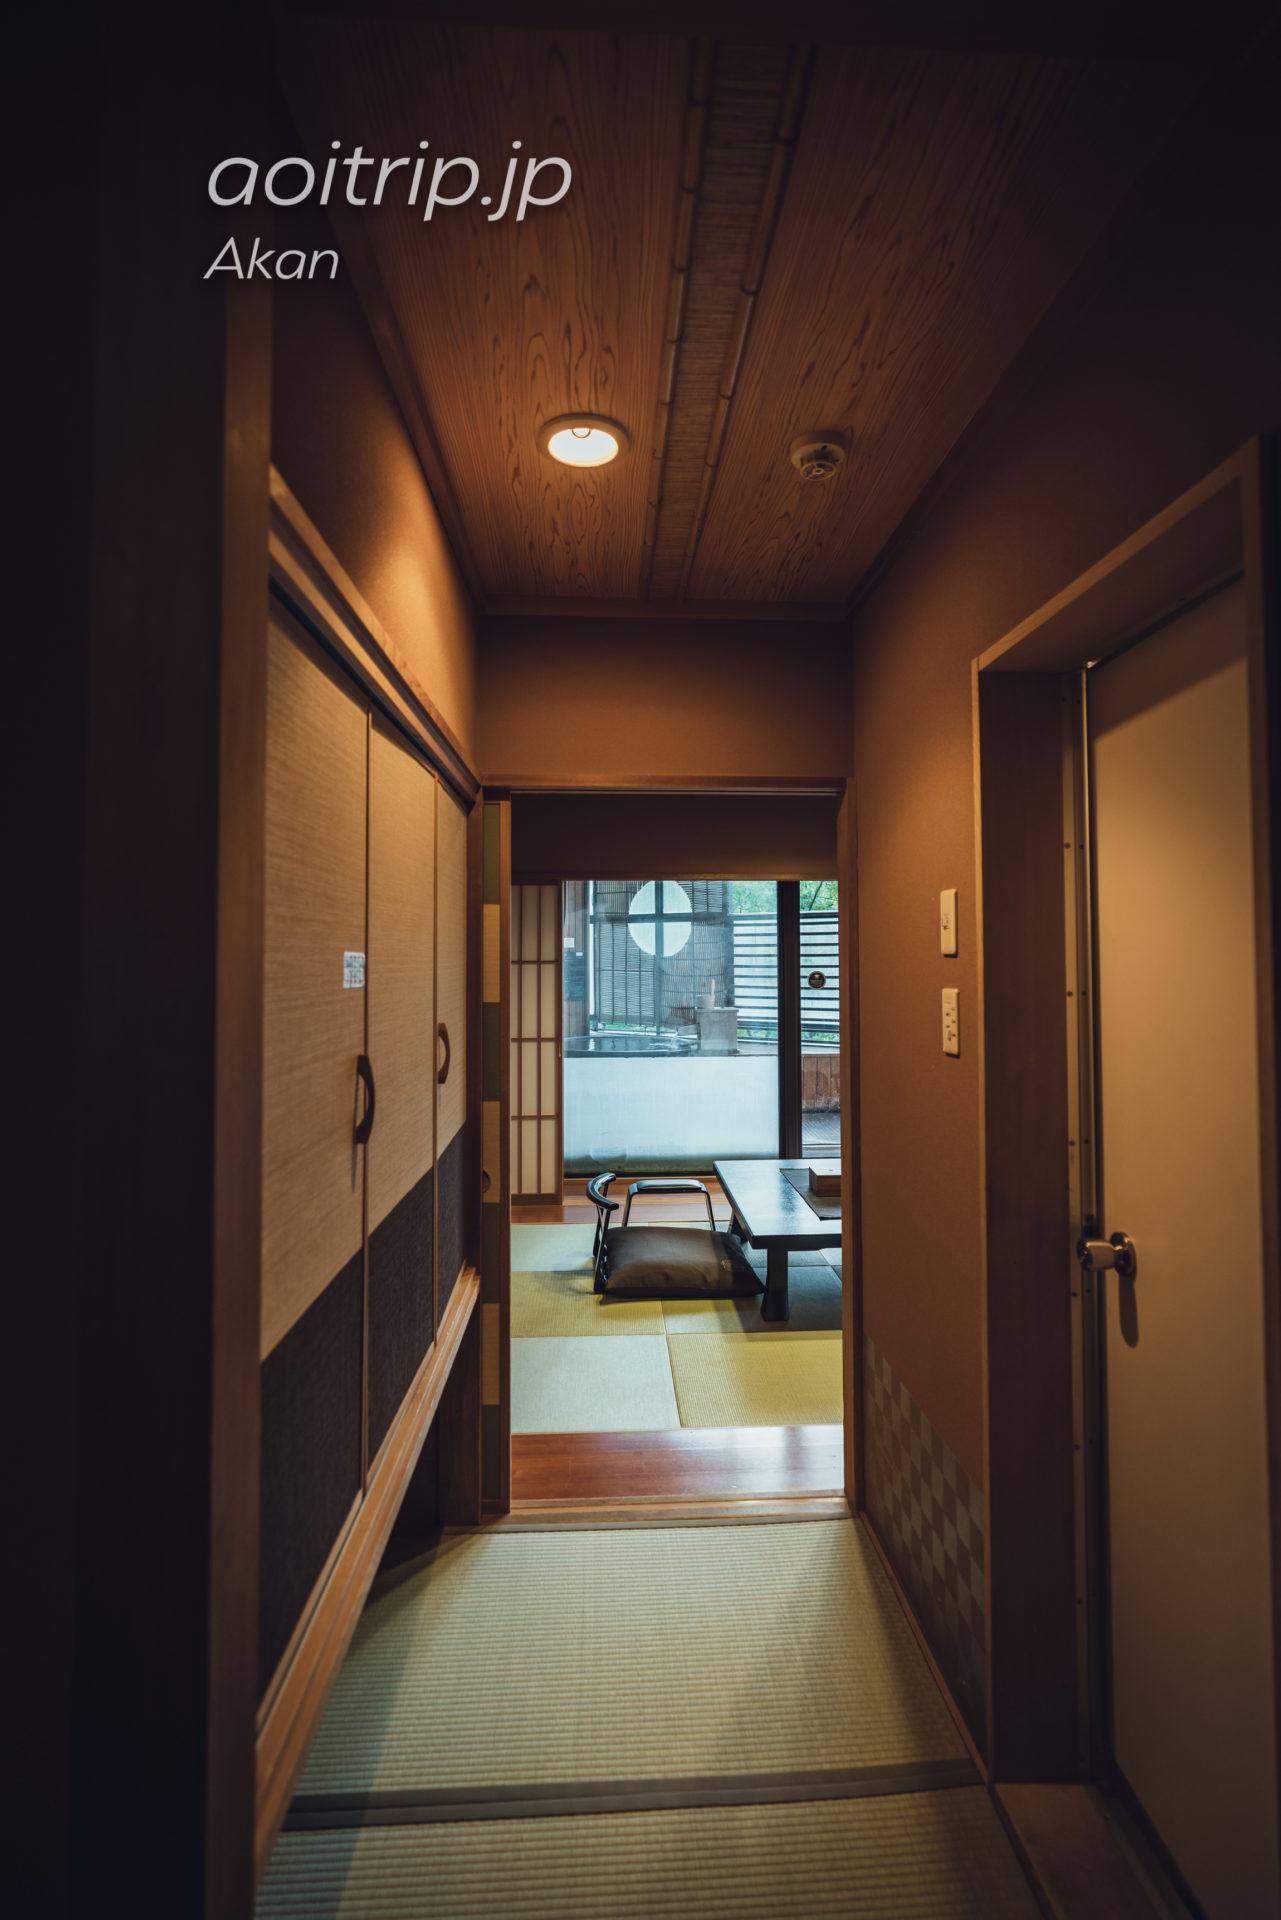 ホテル宿泊記のまとめページ 北海道